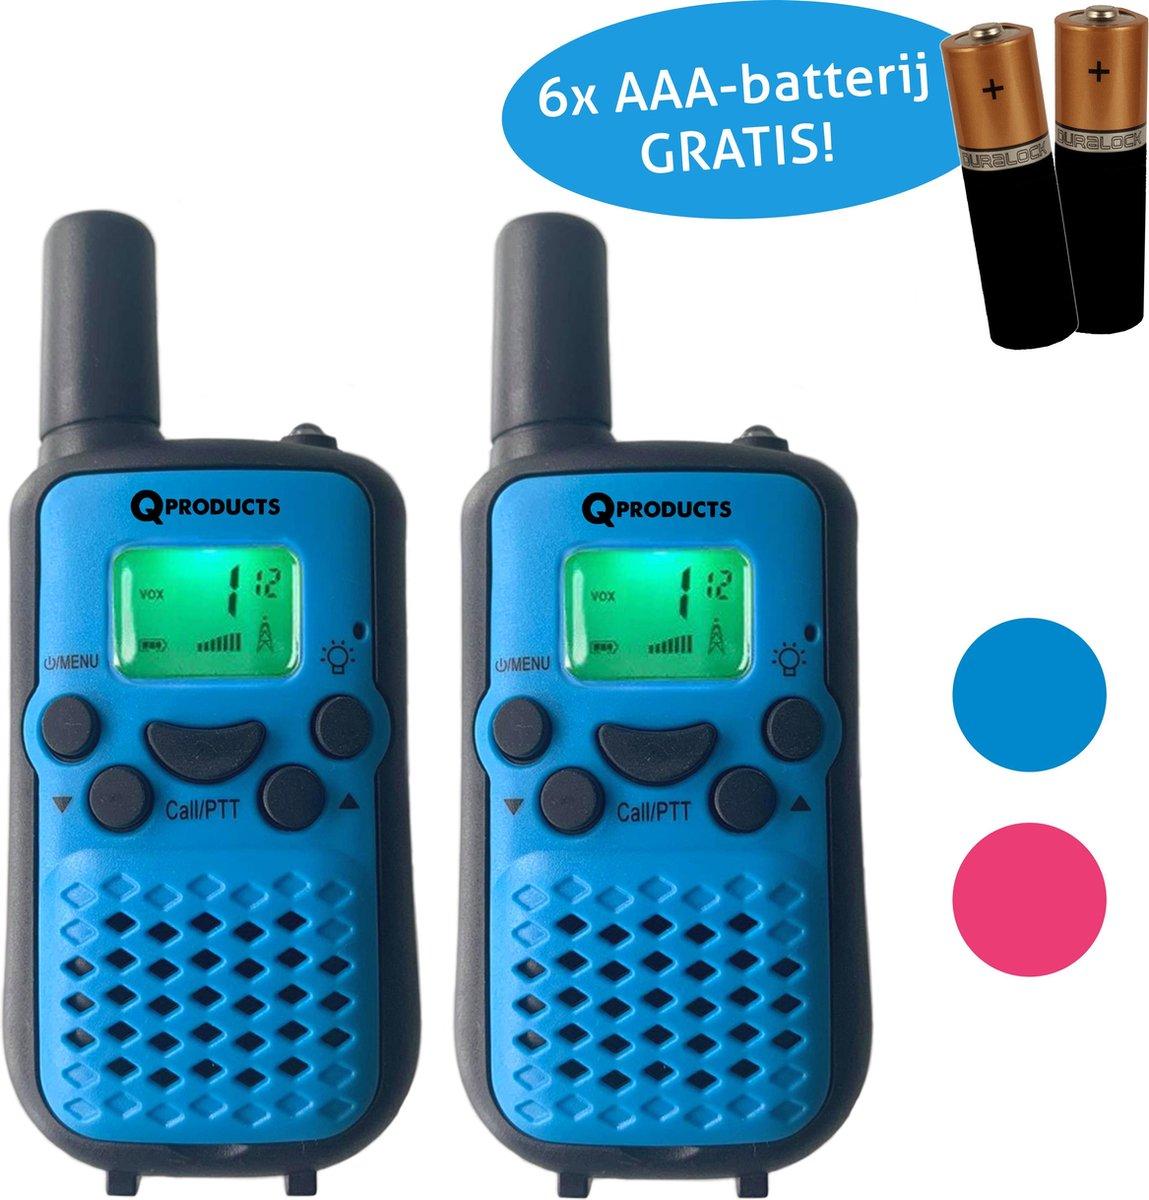 Qproducts Walkie Talkie Voor Kinderen en Volwassenen - Portofoon - Tot 5KM Bereik - Lichtfunctie - Incl 6 Batterijen - BLAUW